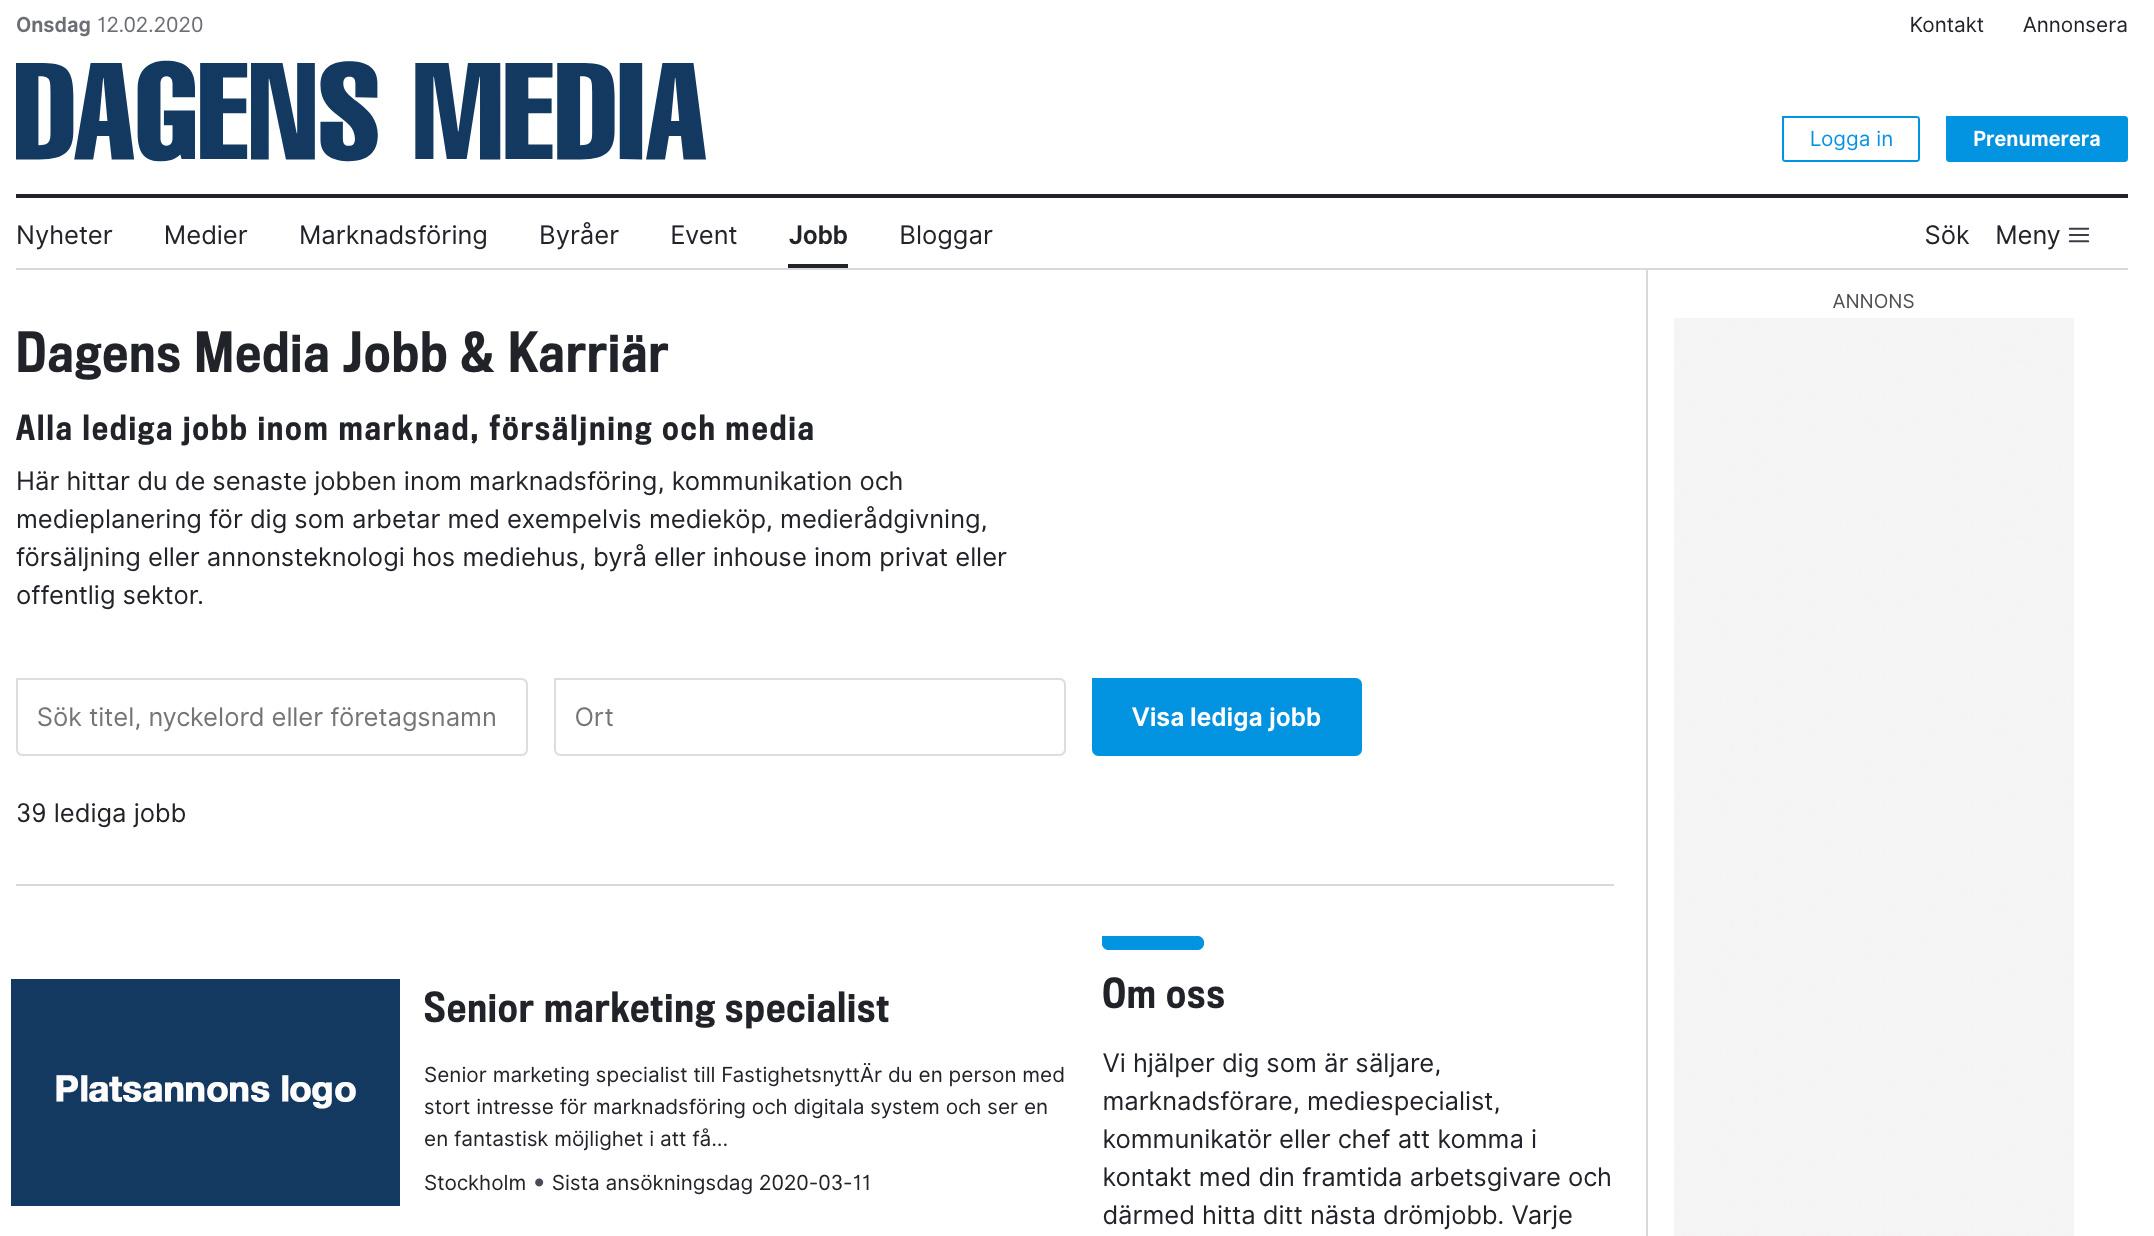 Dagens Media 30 dagar